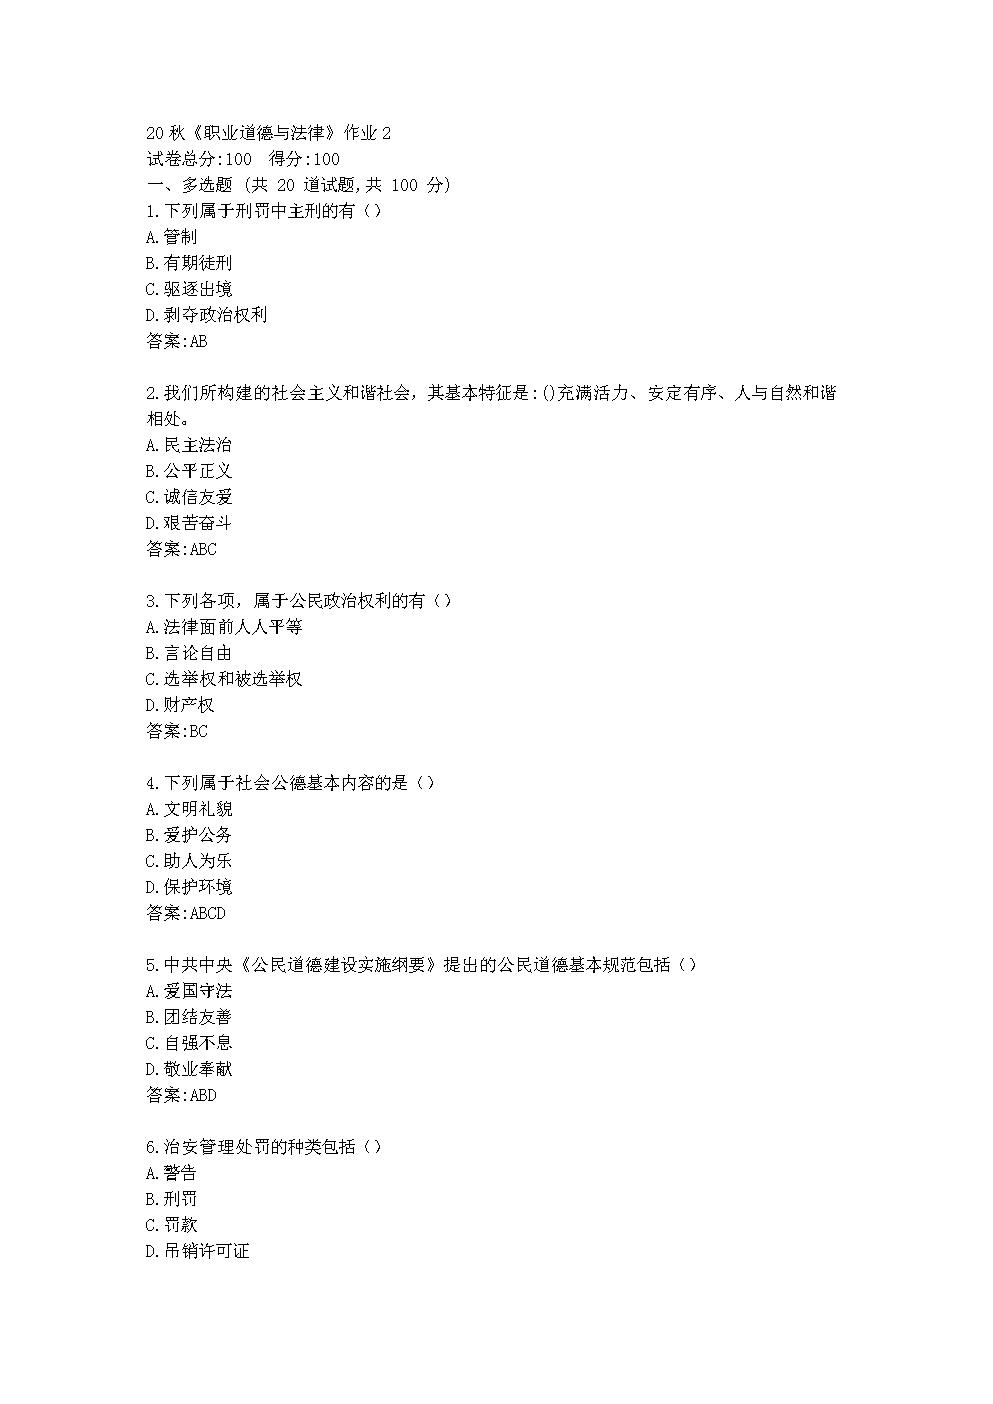 北语20秋《职业道德与法律》作业2【标准答案】.docx